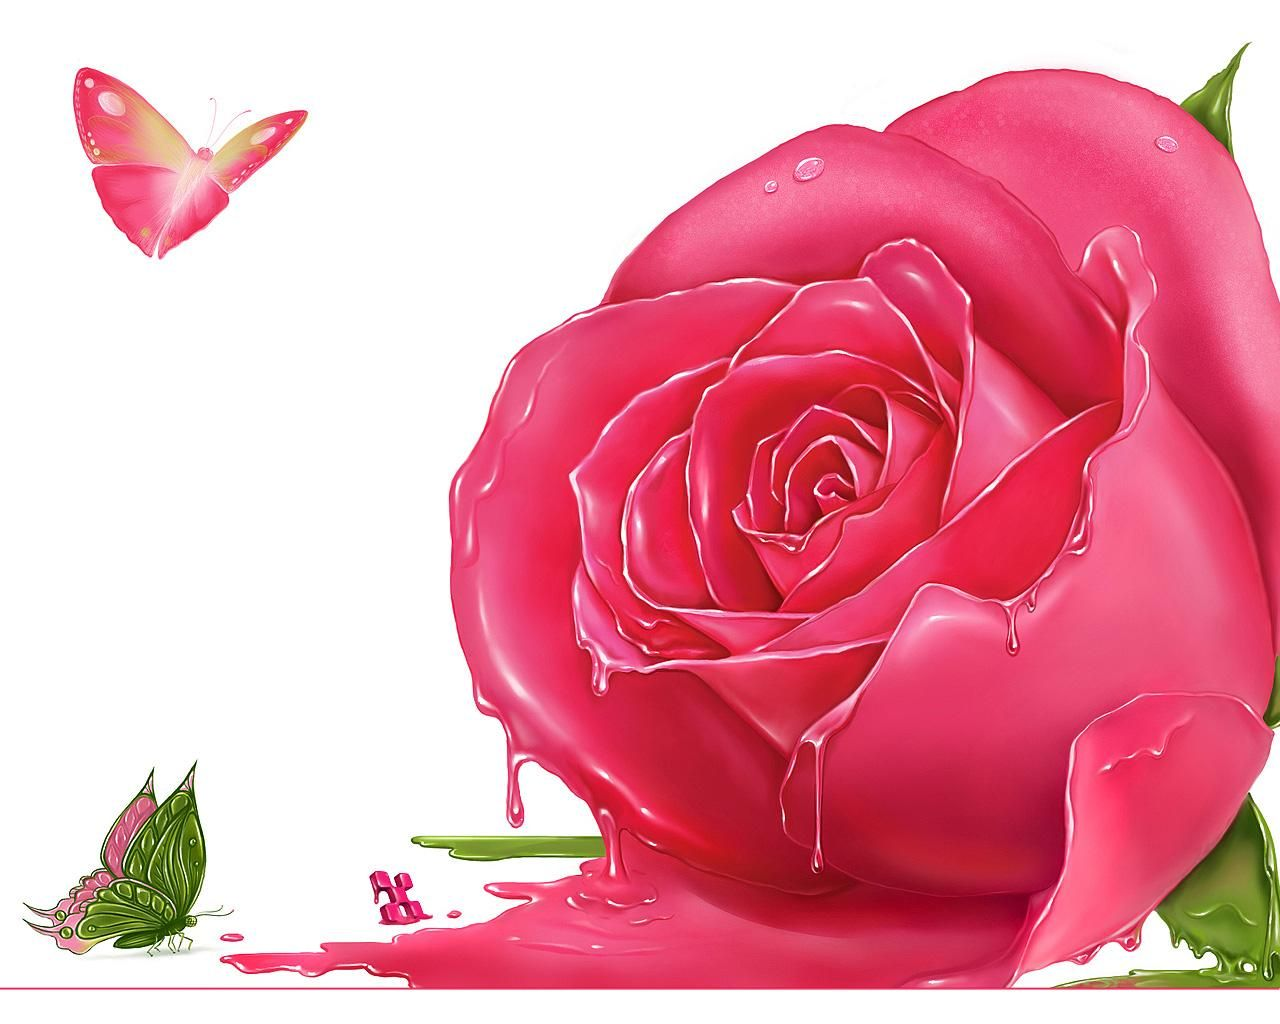 beautiful Single roses Rose | pink rose pink rose pink rose